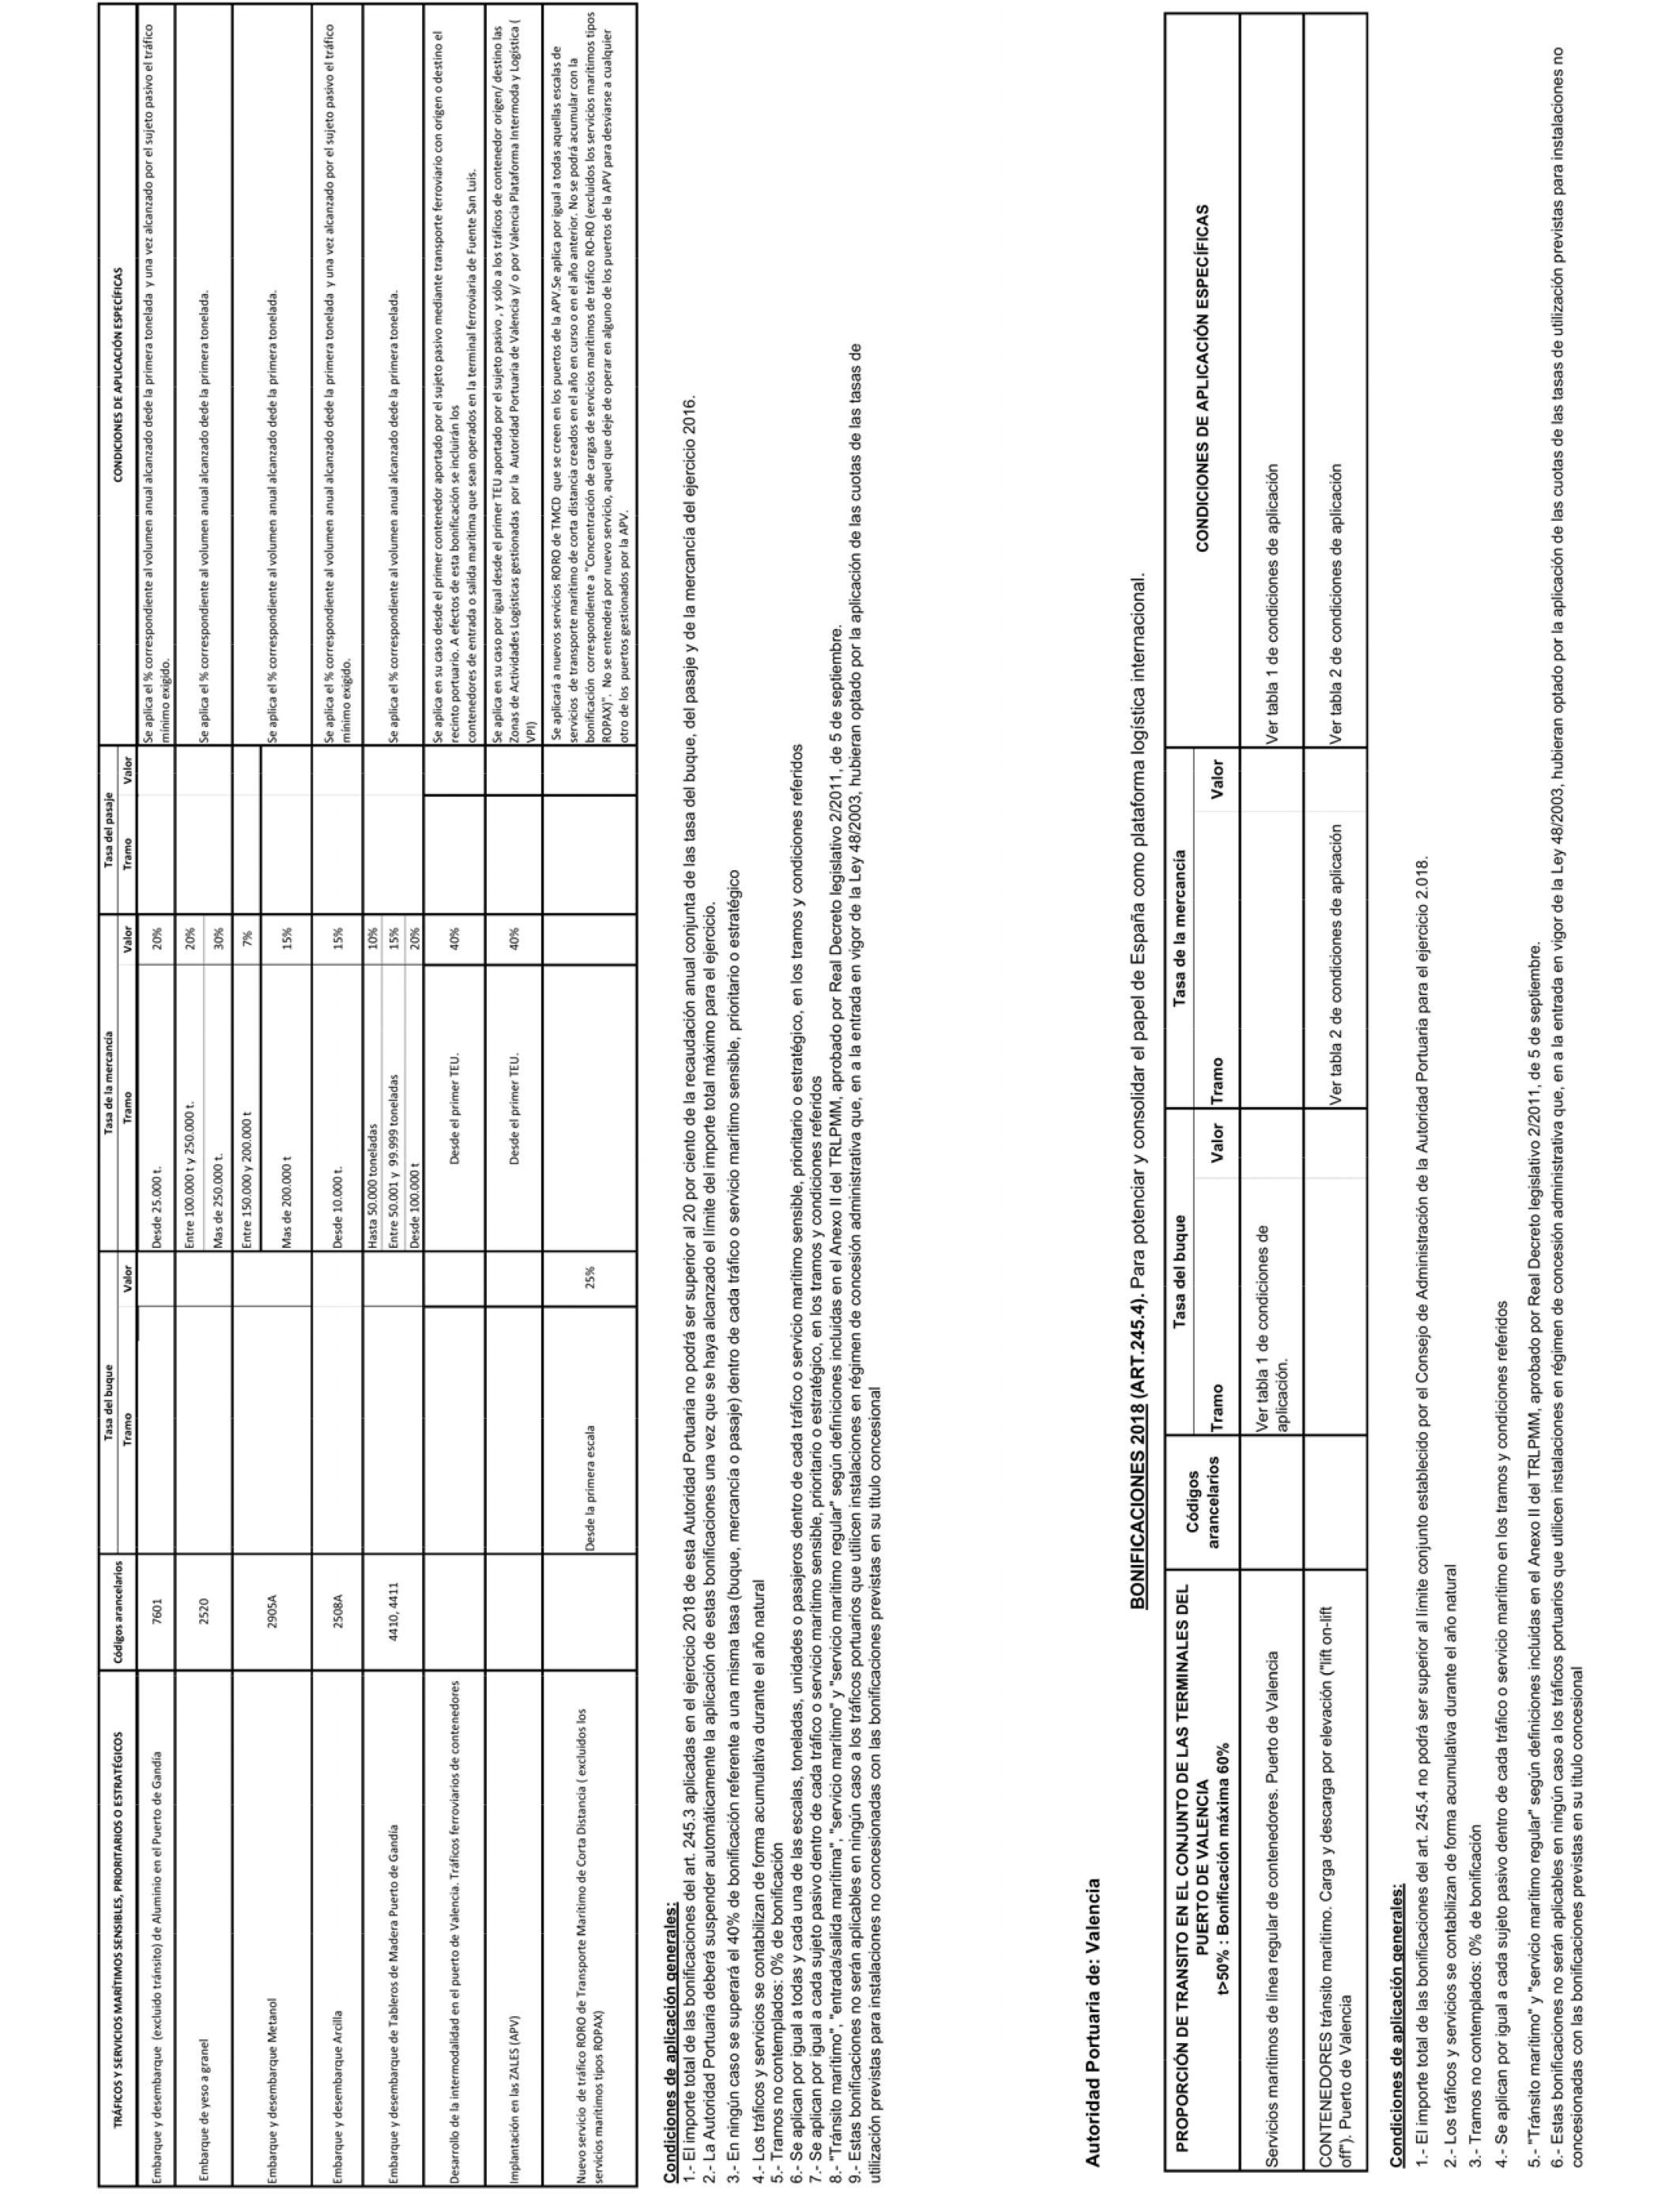 Calendario Escolar 2019 Palencia Más Actual Boe Documento Consolidado Boe A 2018 9268 Of Calendario Escolar 2019 Palencia Recientes Boe Documento Consolidado Boe A 2018 9268